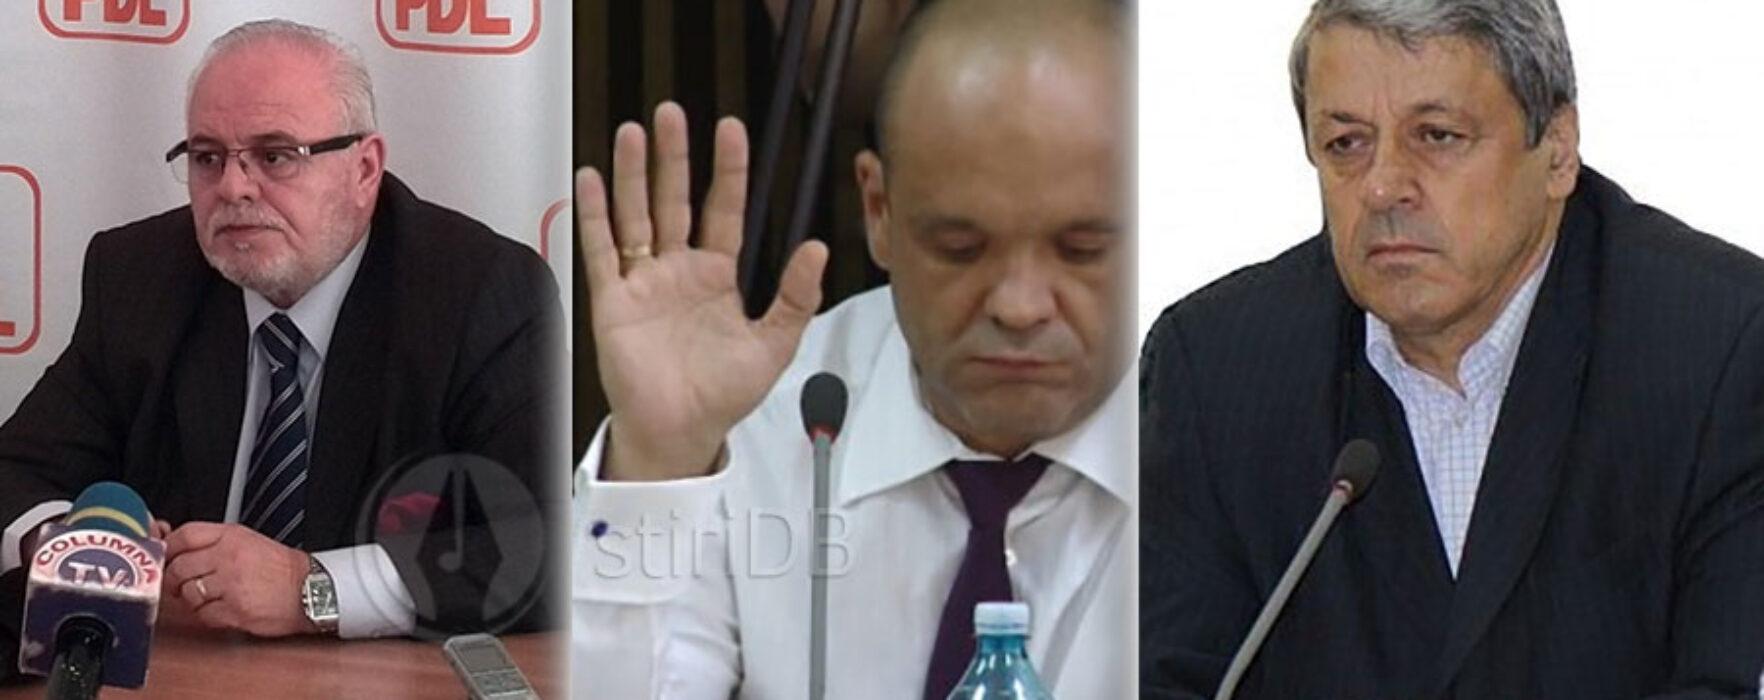 ACL vrea schimbarea vicepreşedintelui PSD din CJ Dâmboviţa; vezi cine vrea să îi ia locul